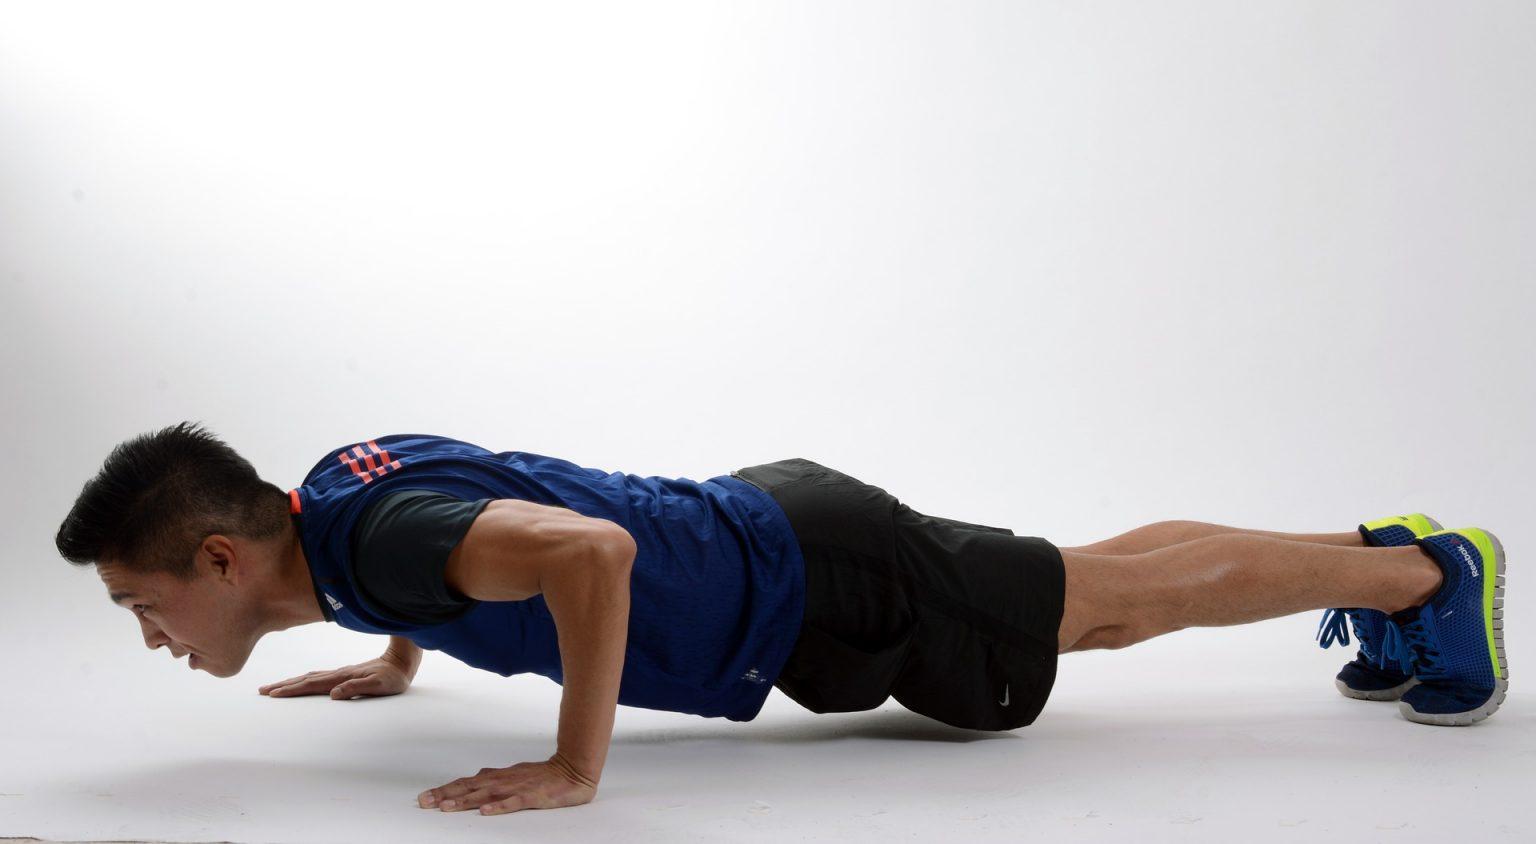 Как правильно выполнять упражнение sit-up (ситап) для мышц пресса?